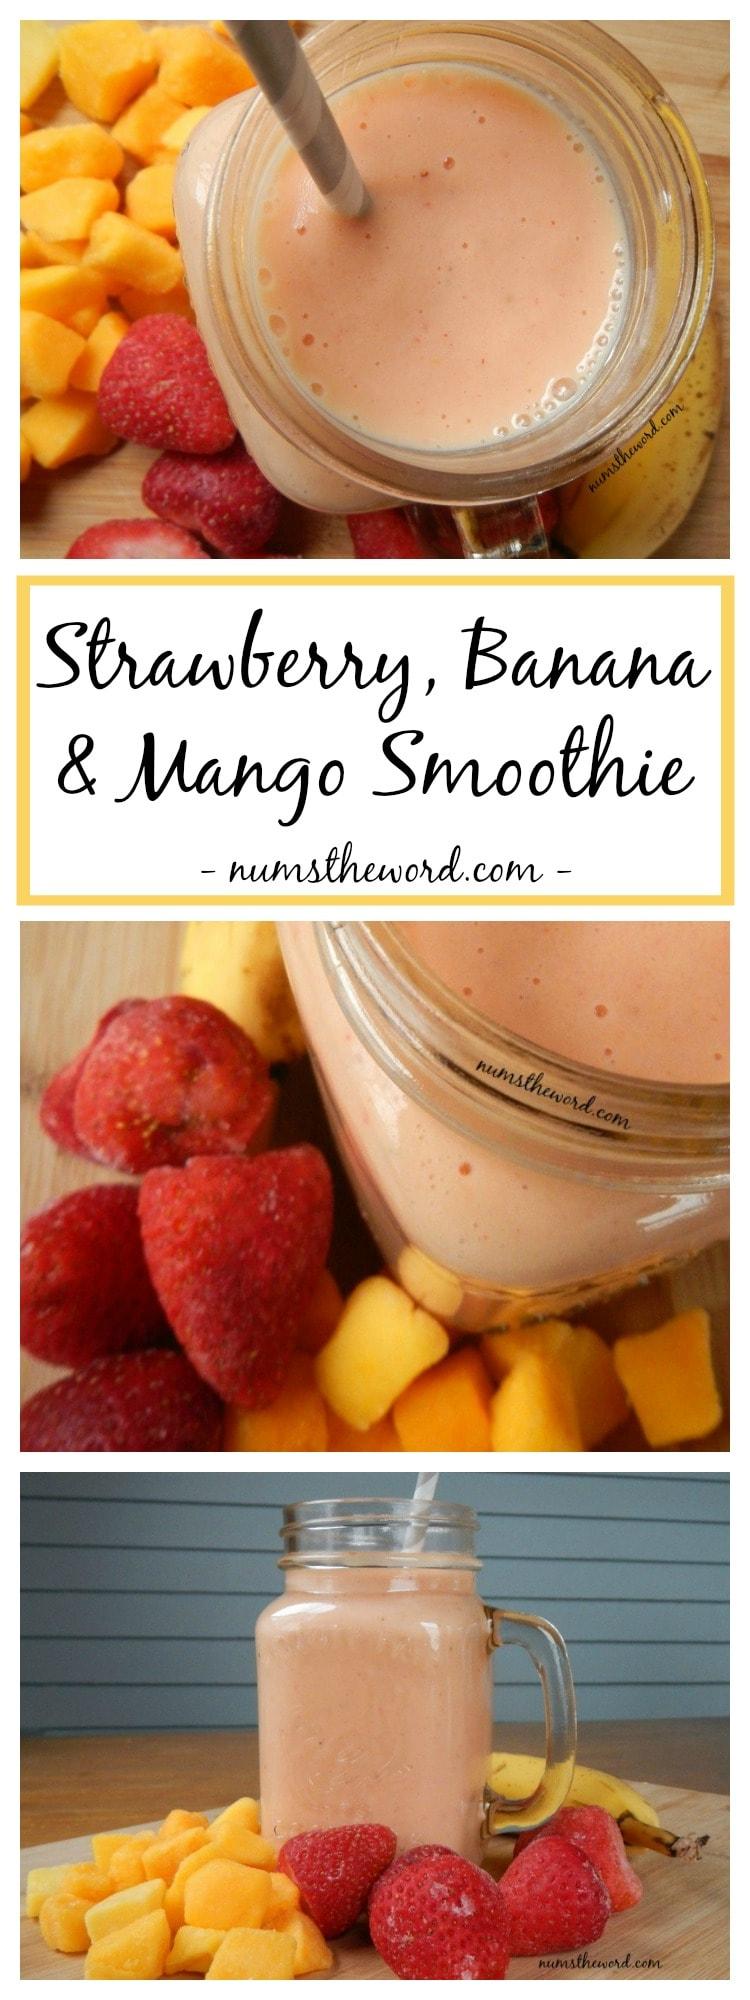 Strawberry, Banana & Mango Smoothie